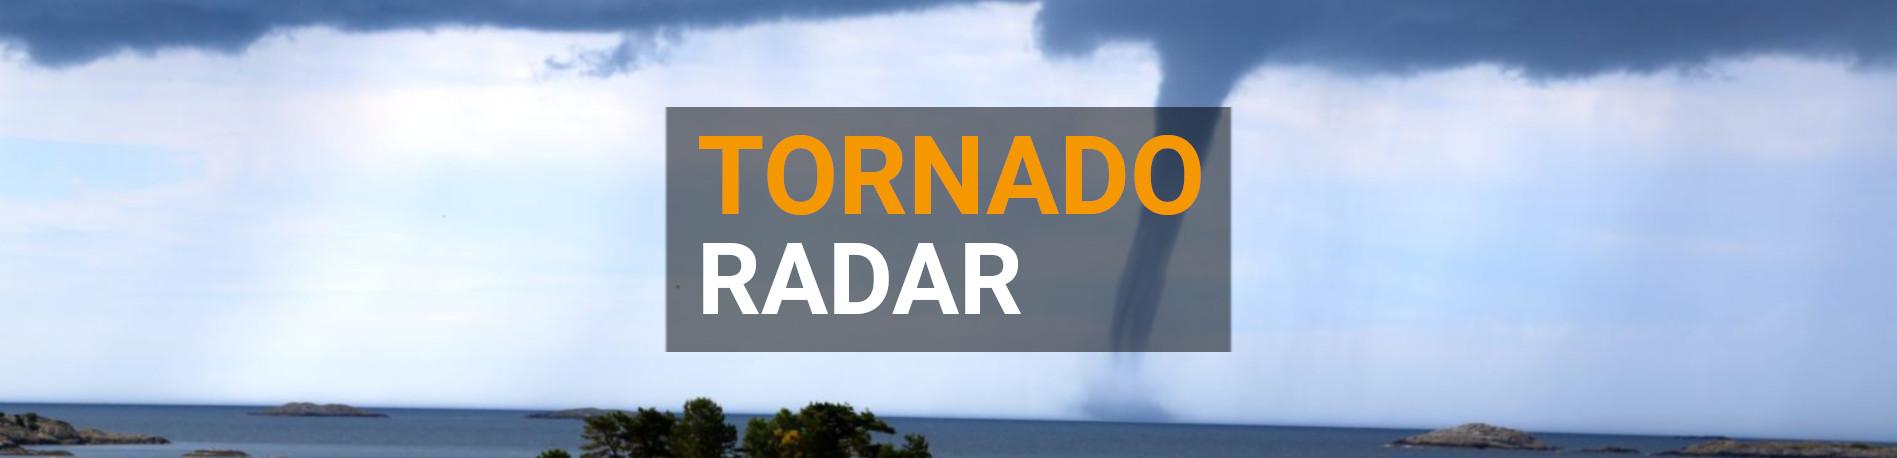 Tornado Radar